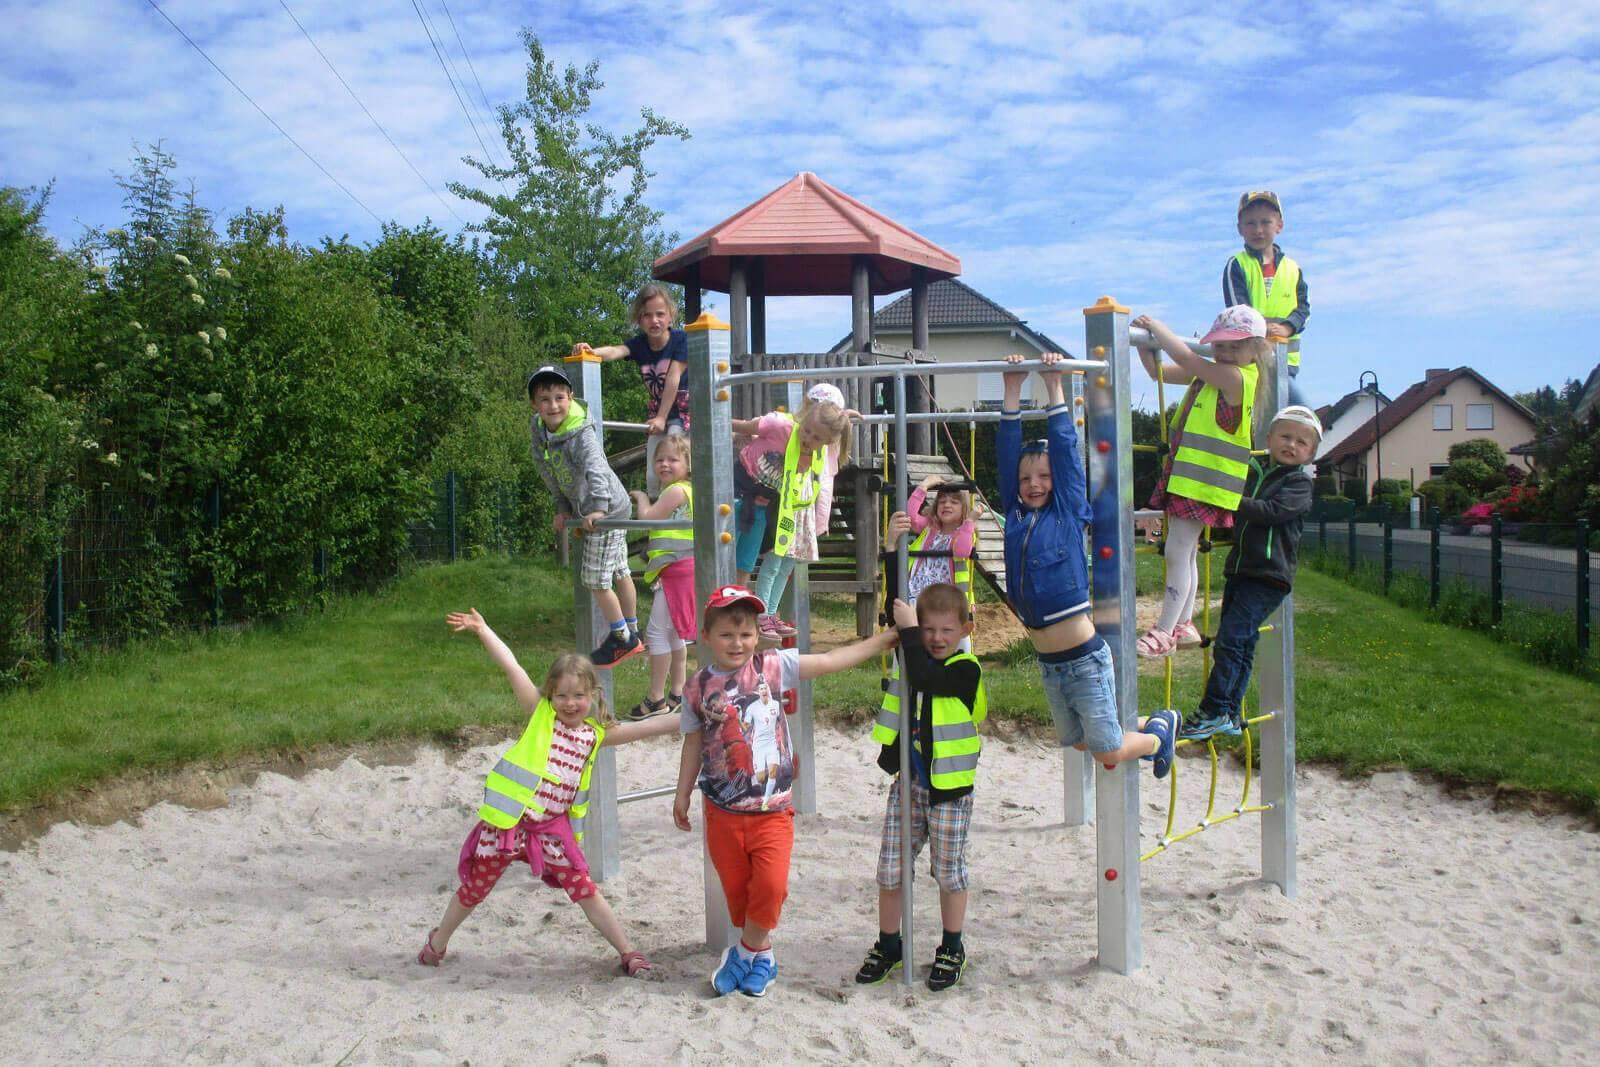 Klettergerüst Für Kinder : Spielgerät eigens von zimmermann entworfen neues klettergerüst